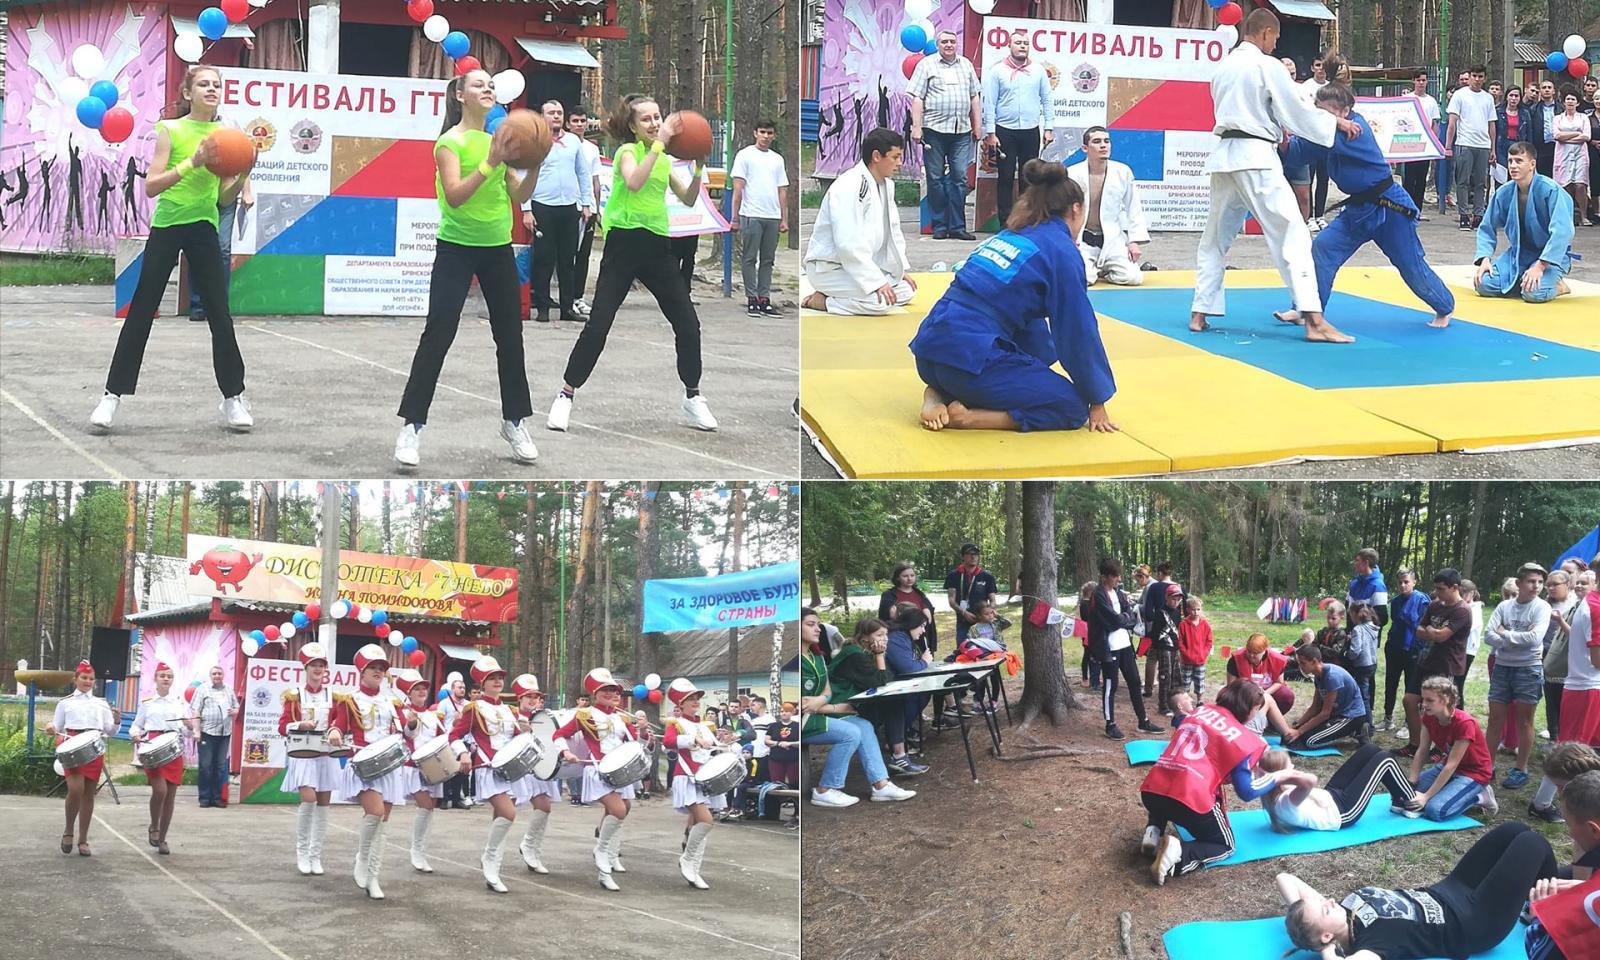 В Брянской области прошел первый фестиваль ГТО